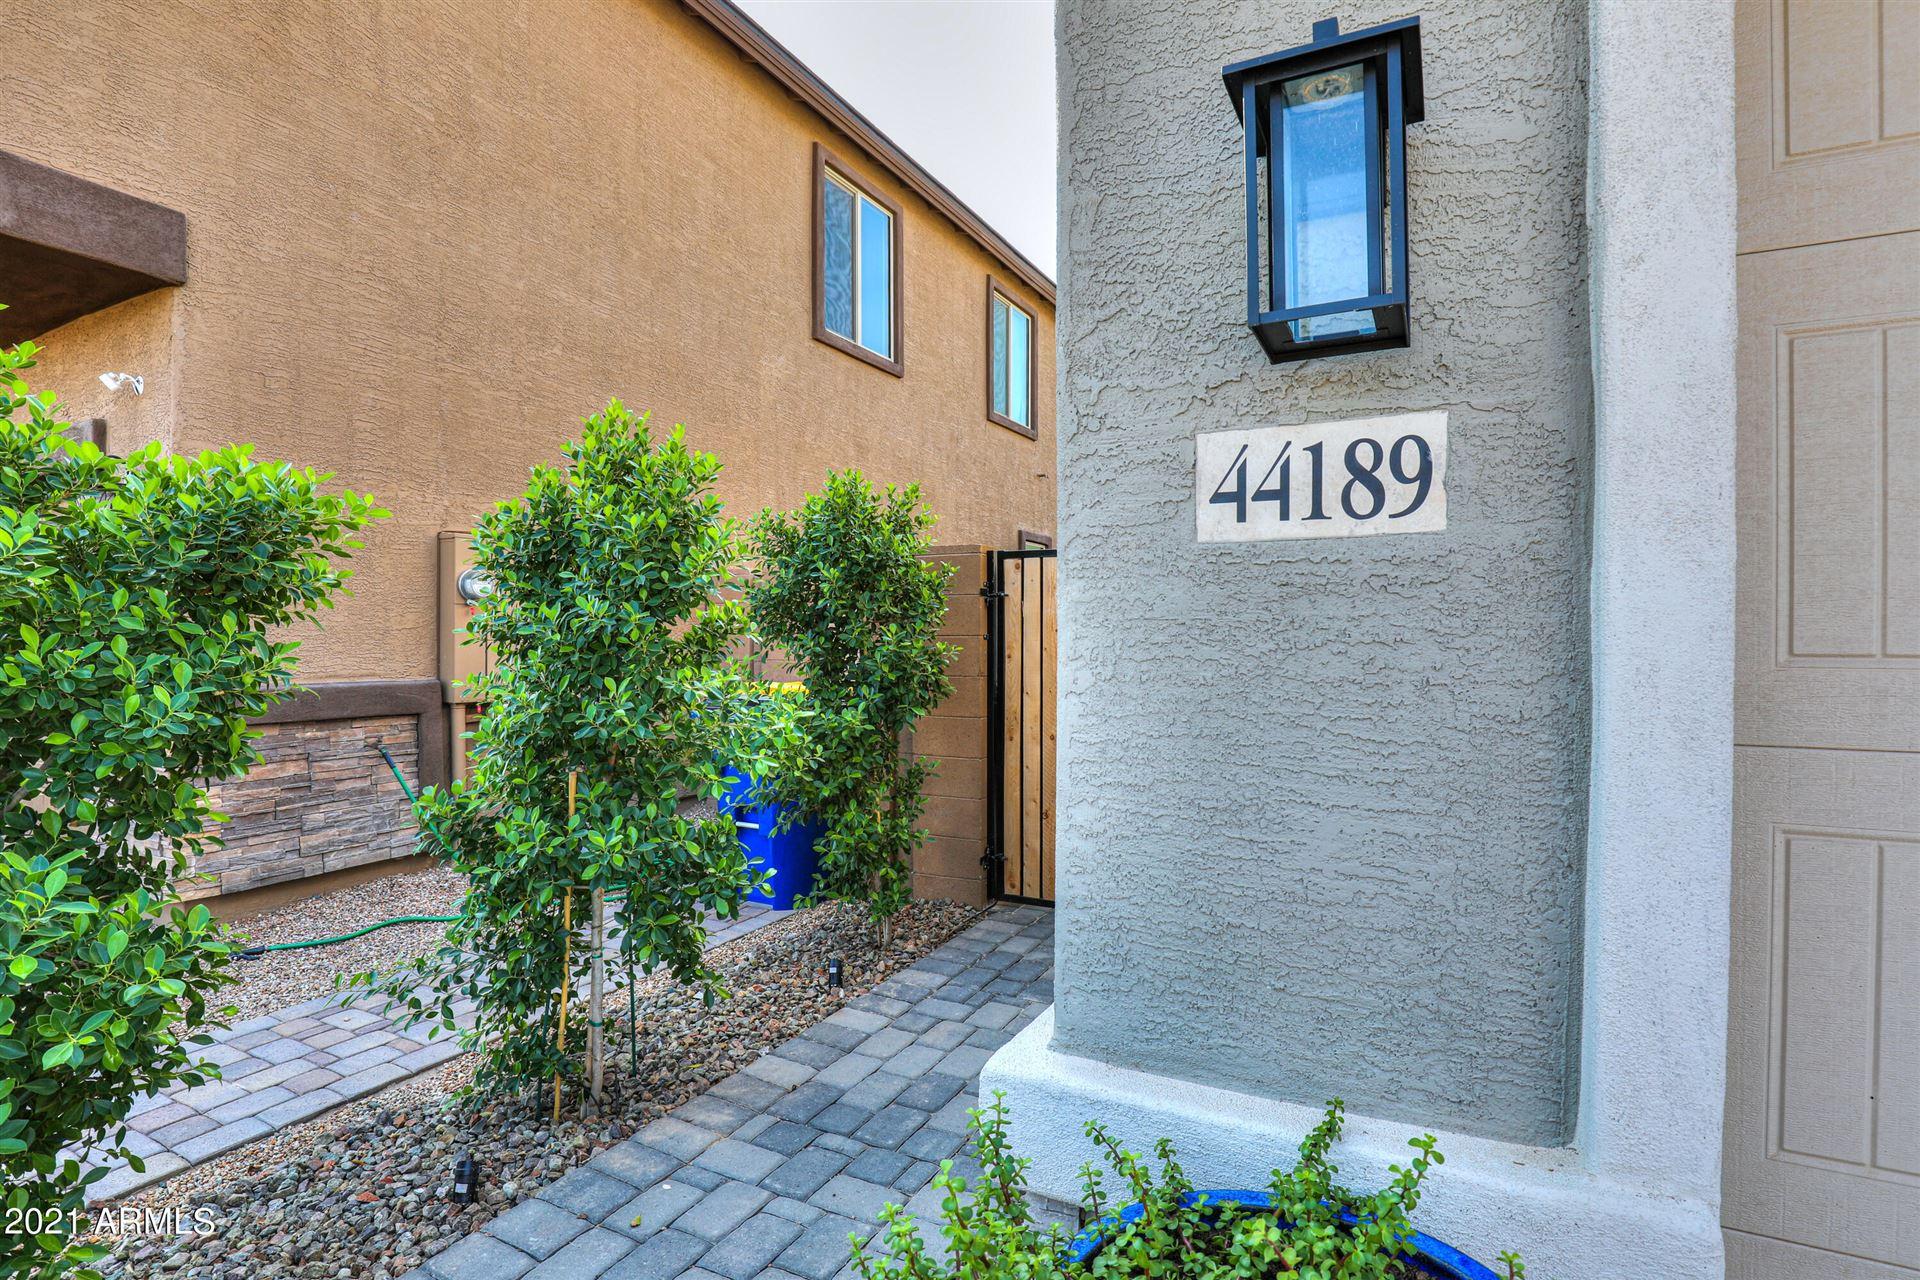 Photo of 44189 W Palo Olmo Road W, Maricopa, AZ 85138 (MLS # 6295169)